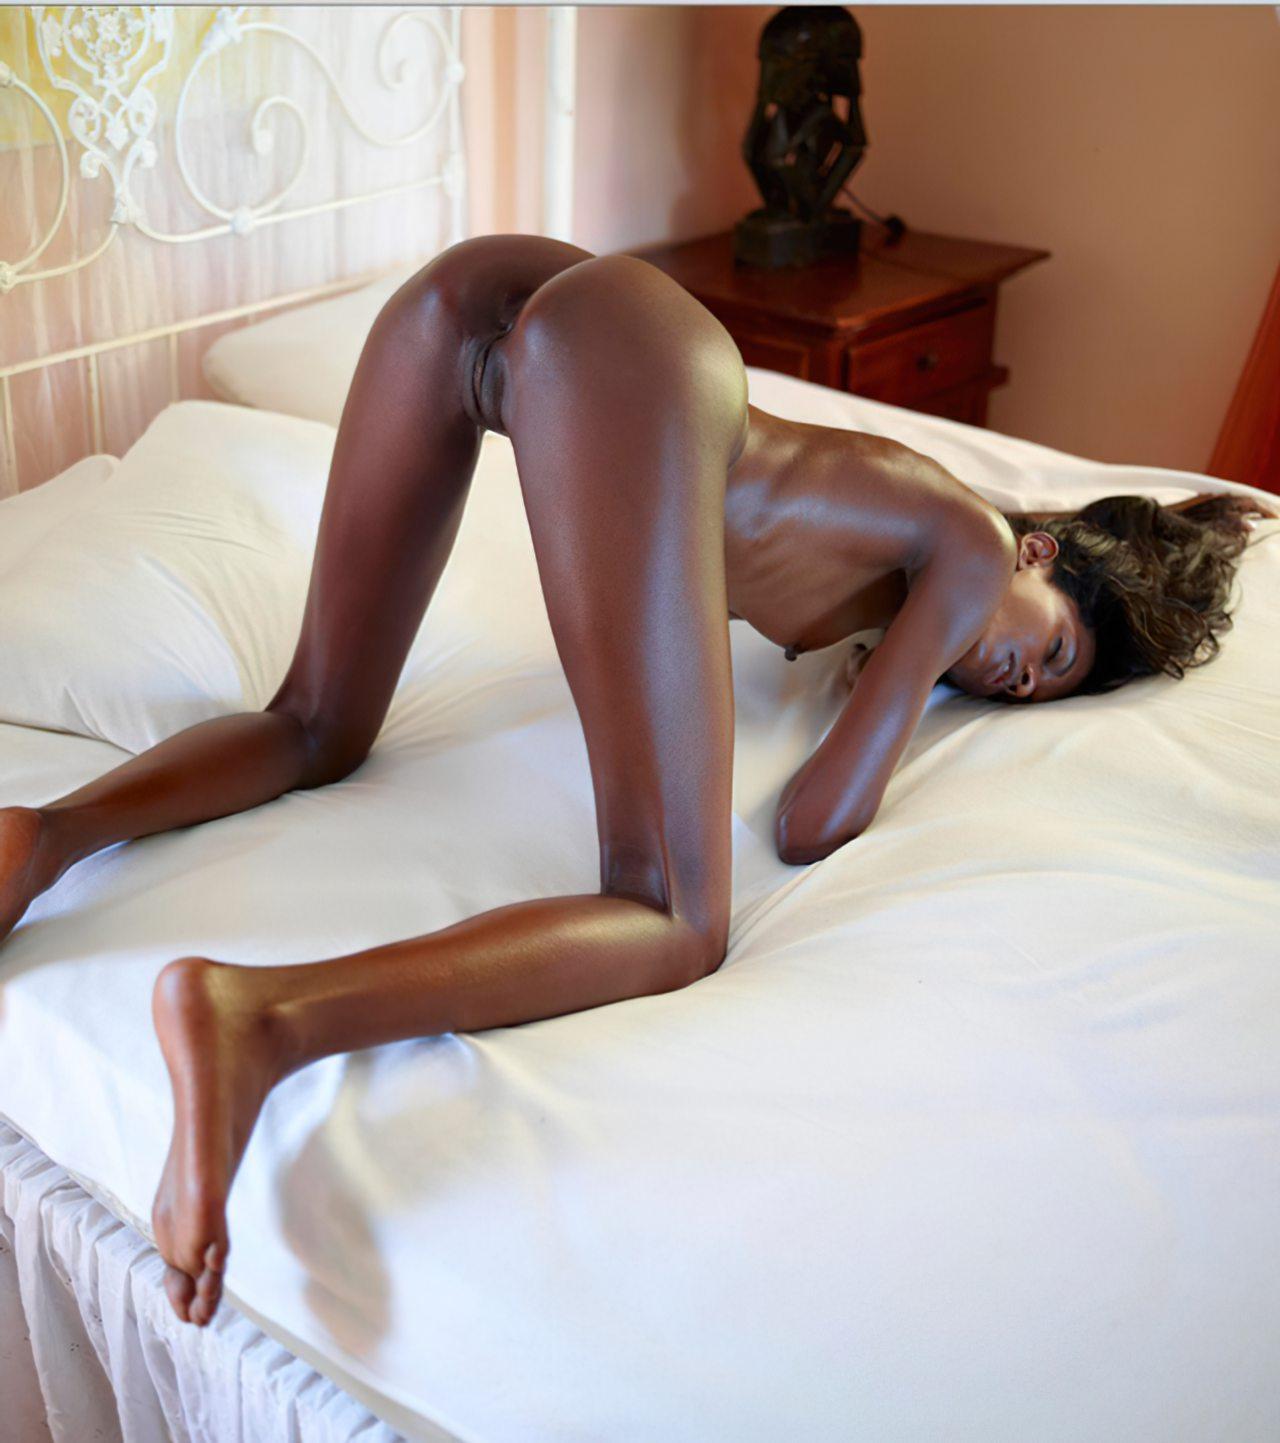 Negra Sensual Preparada para Fazer Sexo